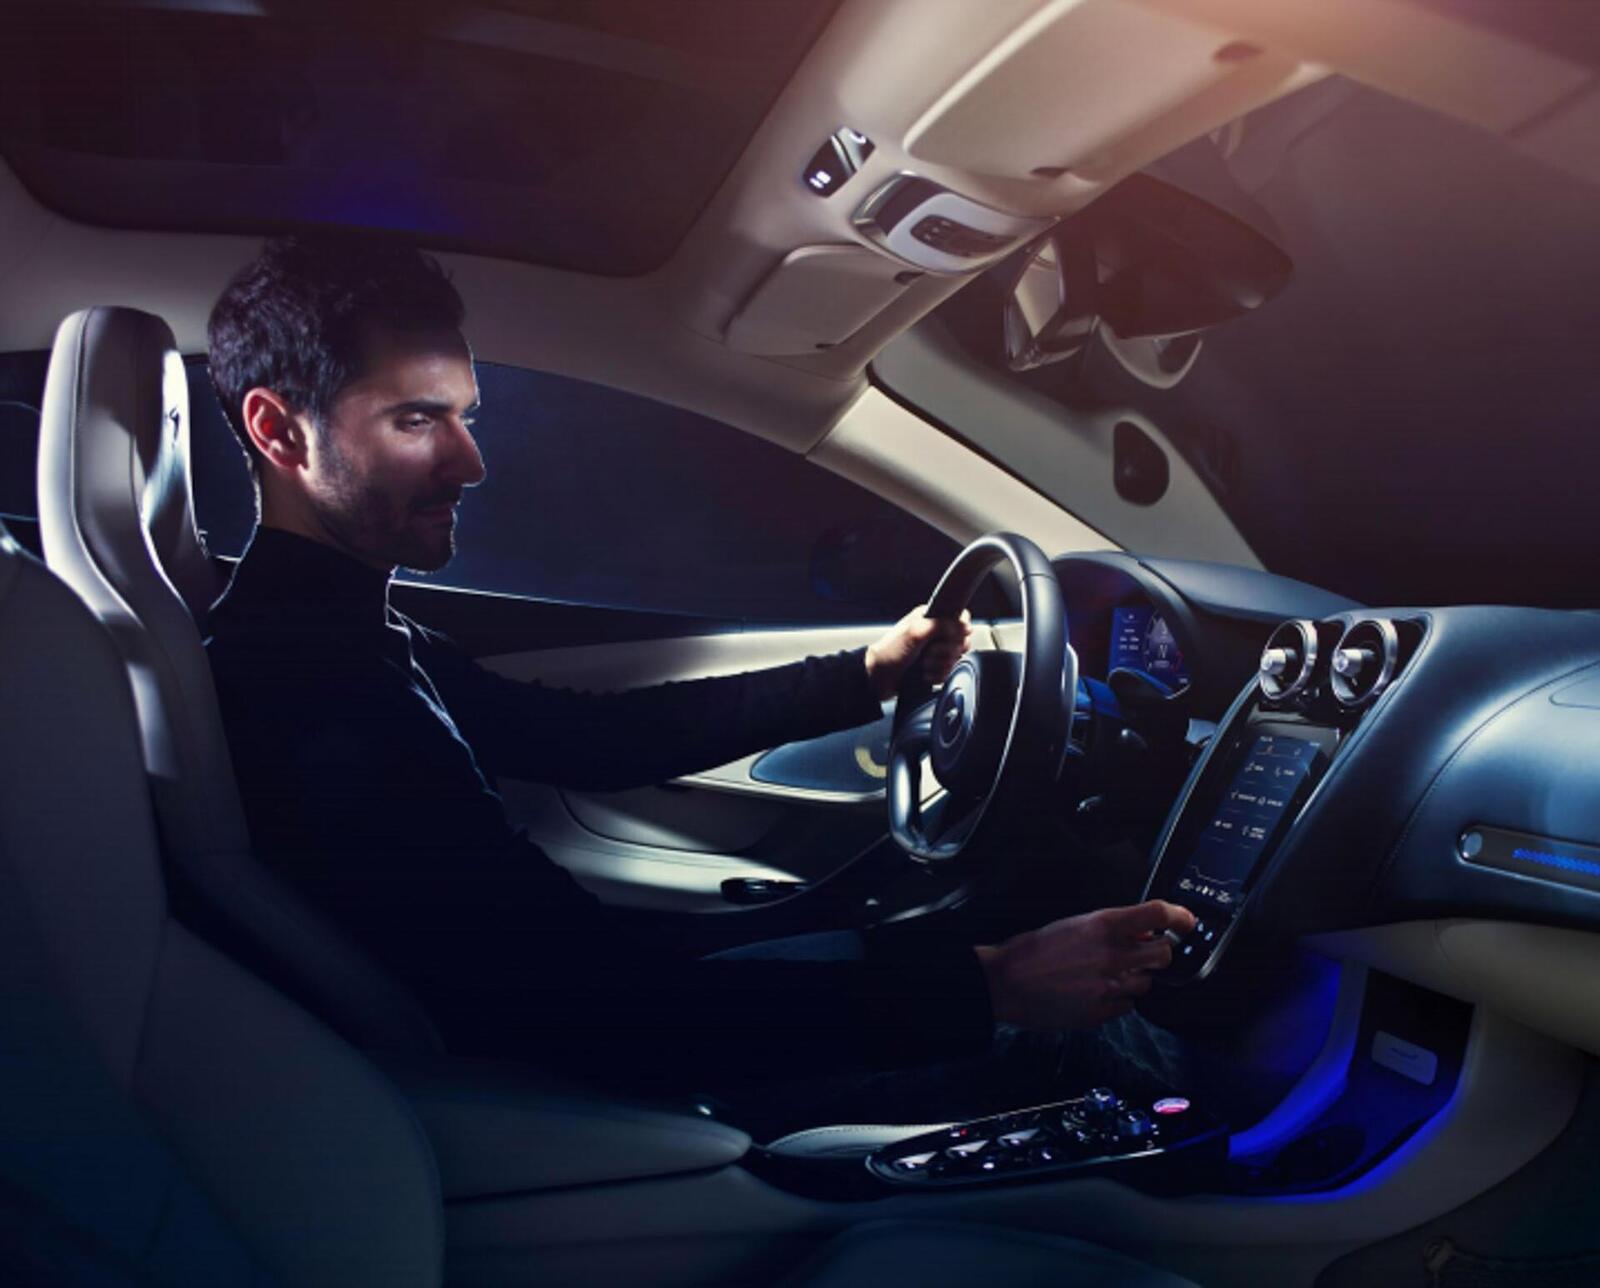 McLaren giới thiệu siêu xe GT 2020 hoàn toàn mới: Động cơ mạnh mẽ và cabin thoải mái - Hình 12